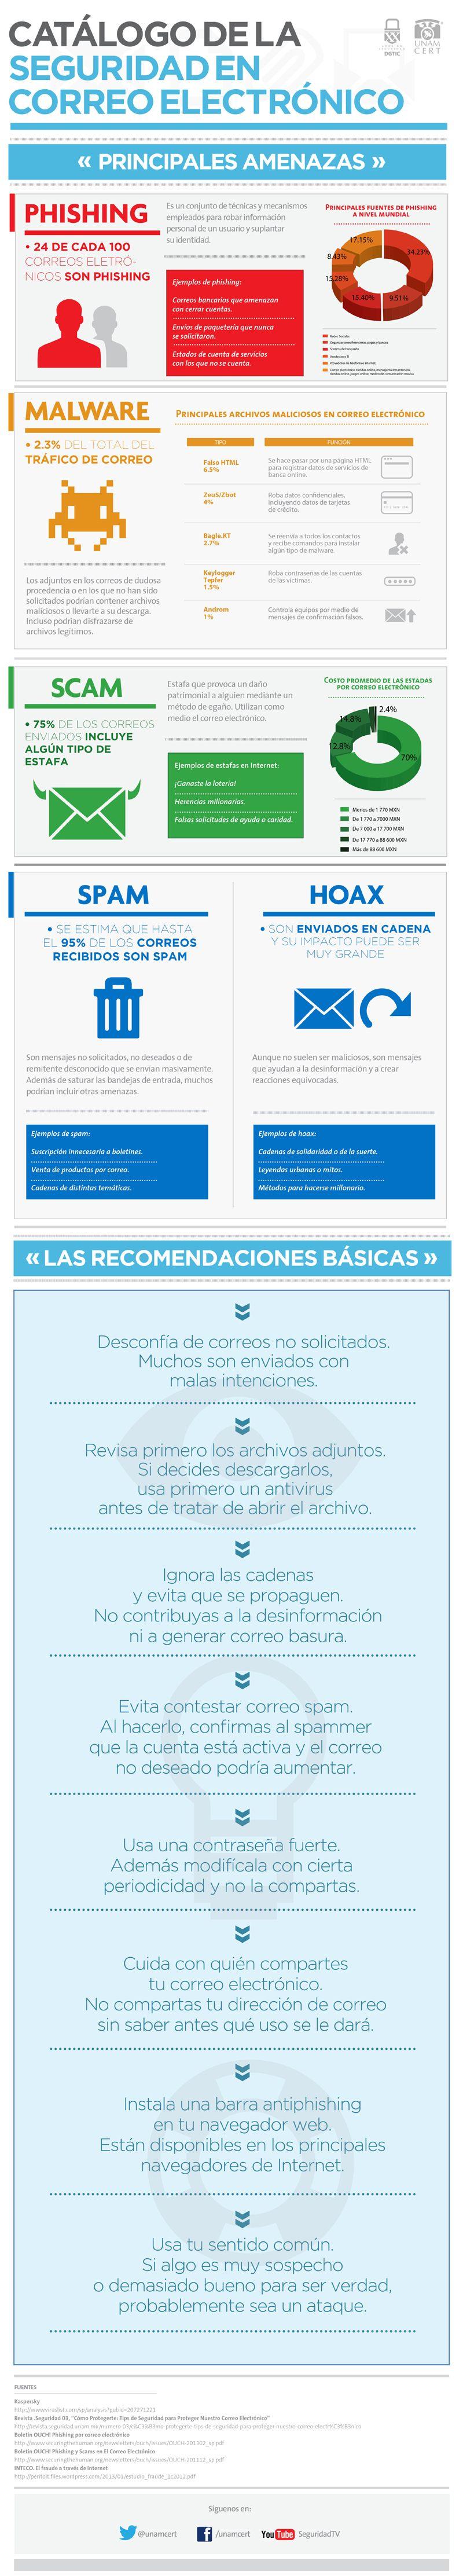 Infografía: Uso seguro del correo electrónico   Noticias - SSI -